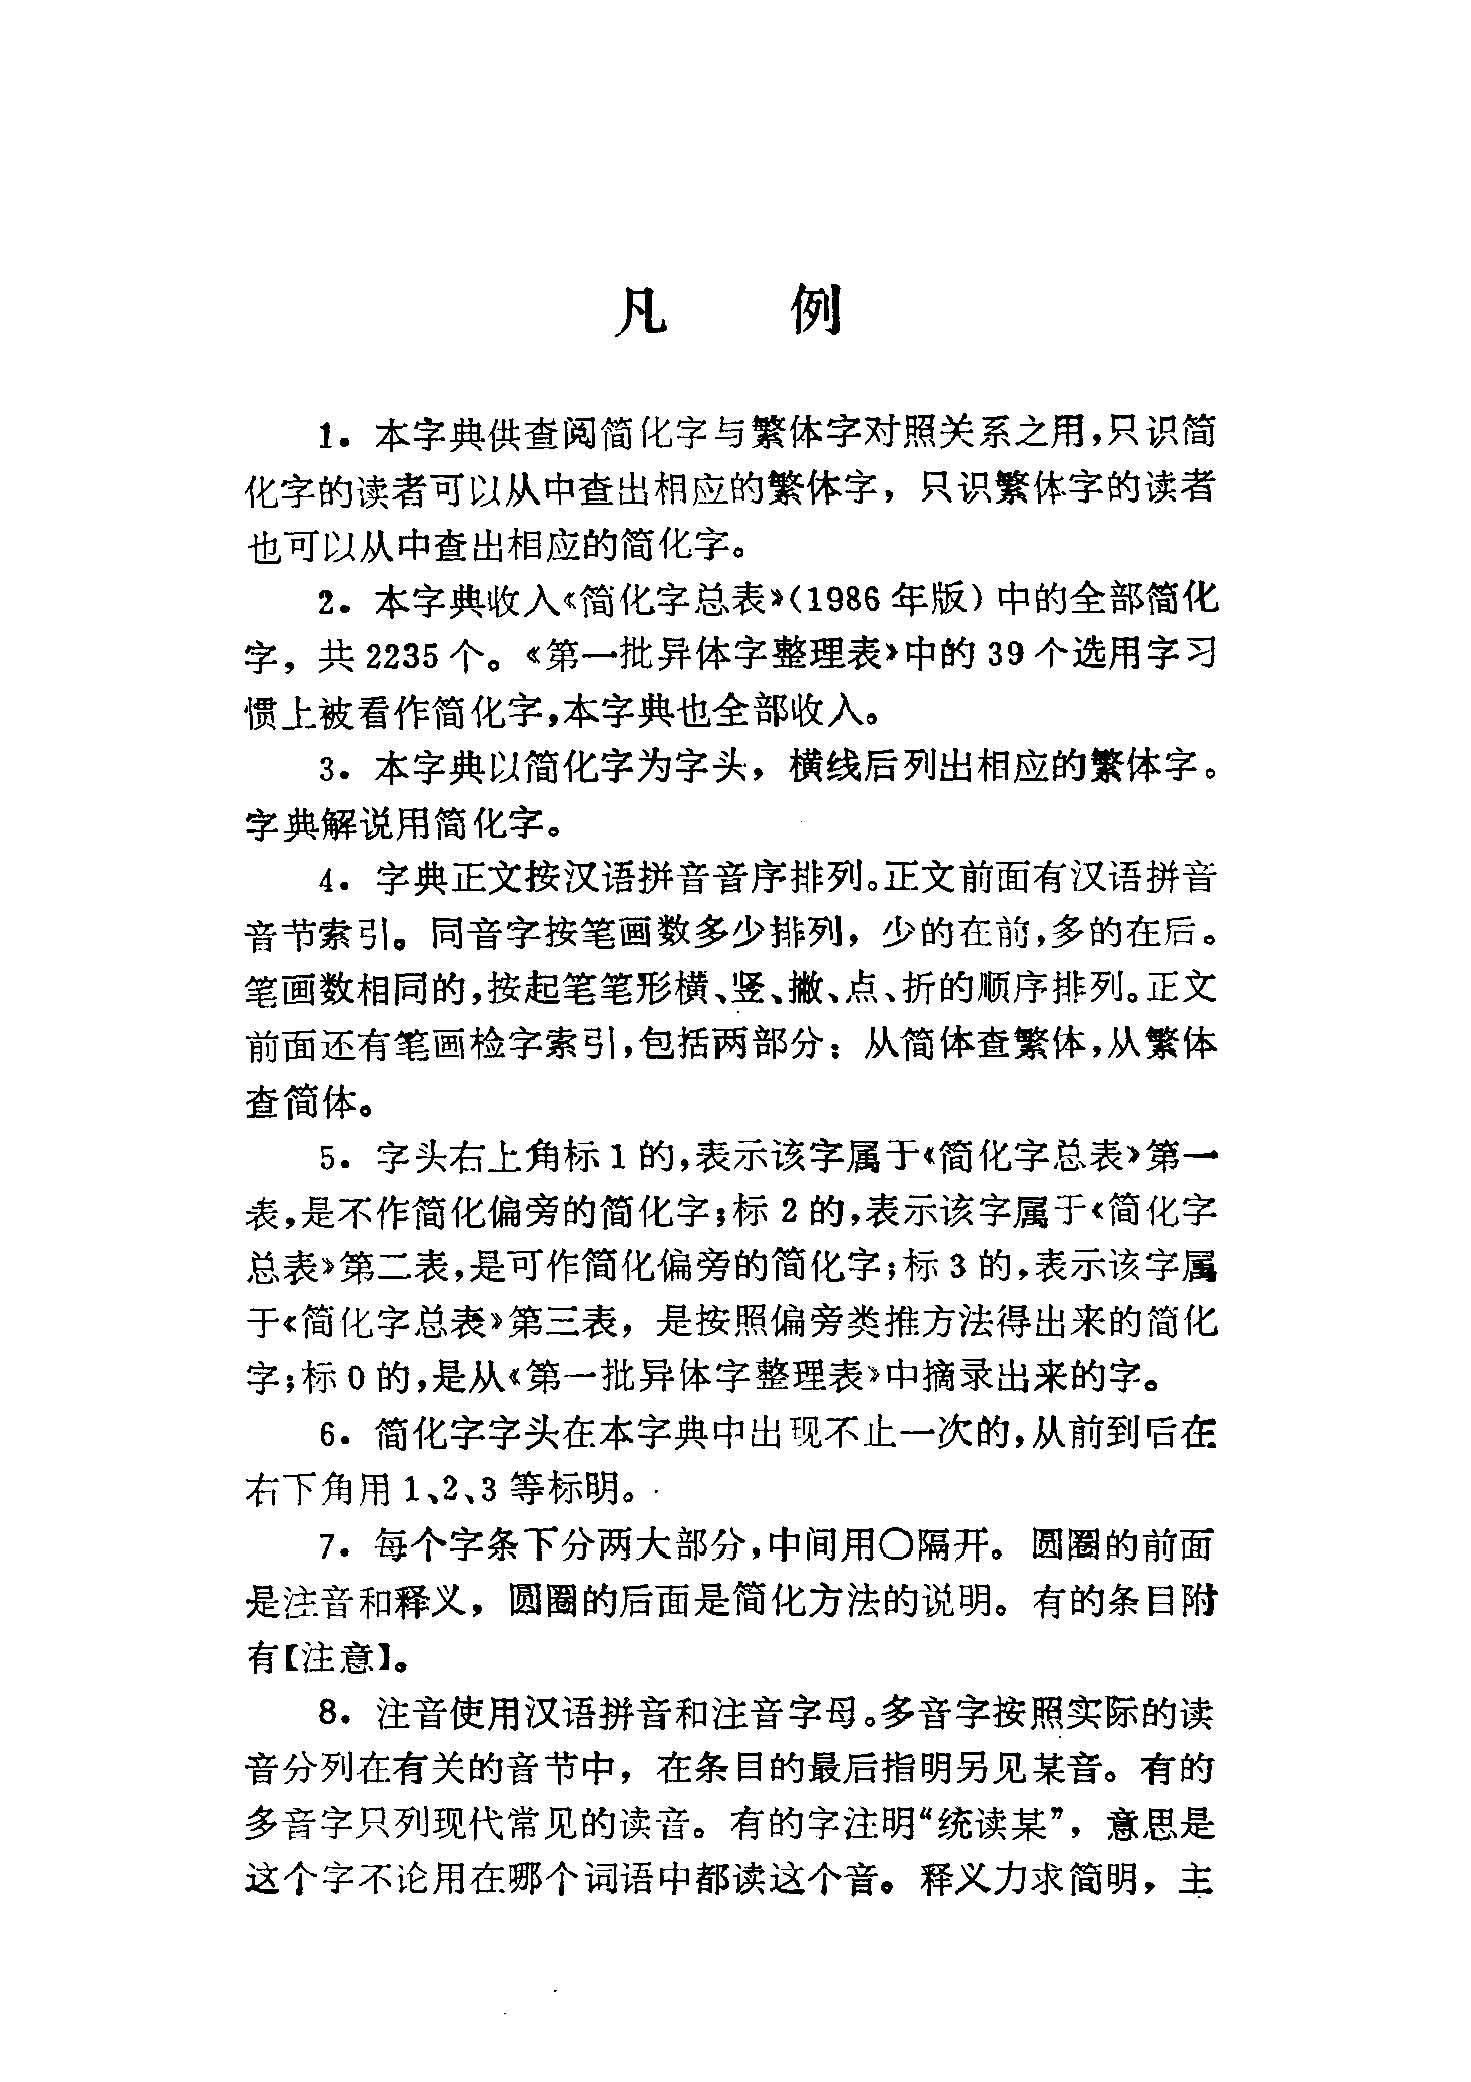 распознать текст с картинки онлайн китайский